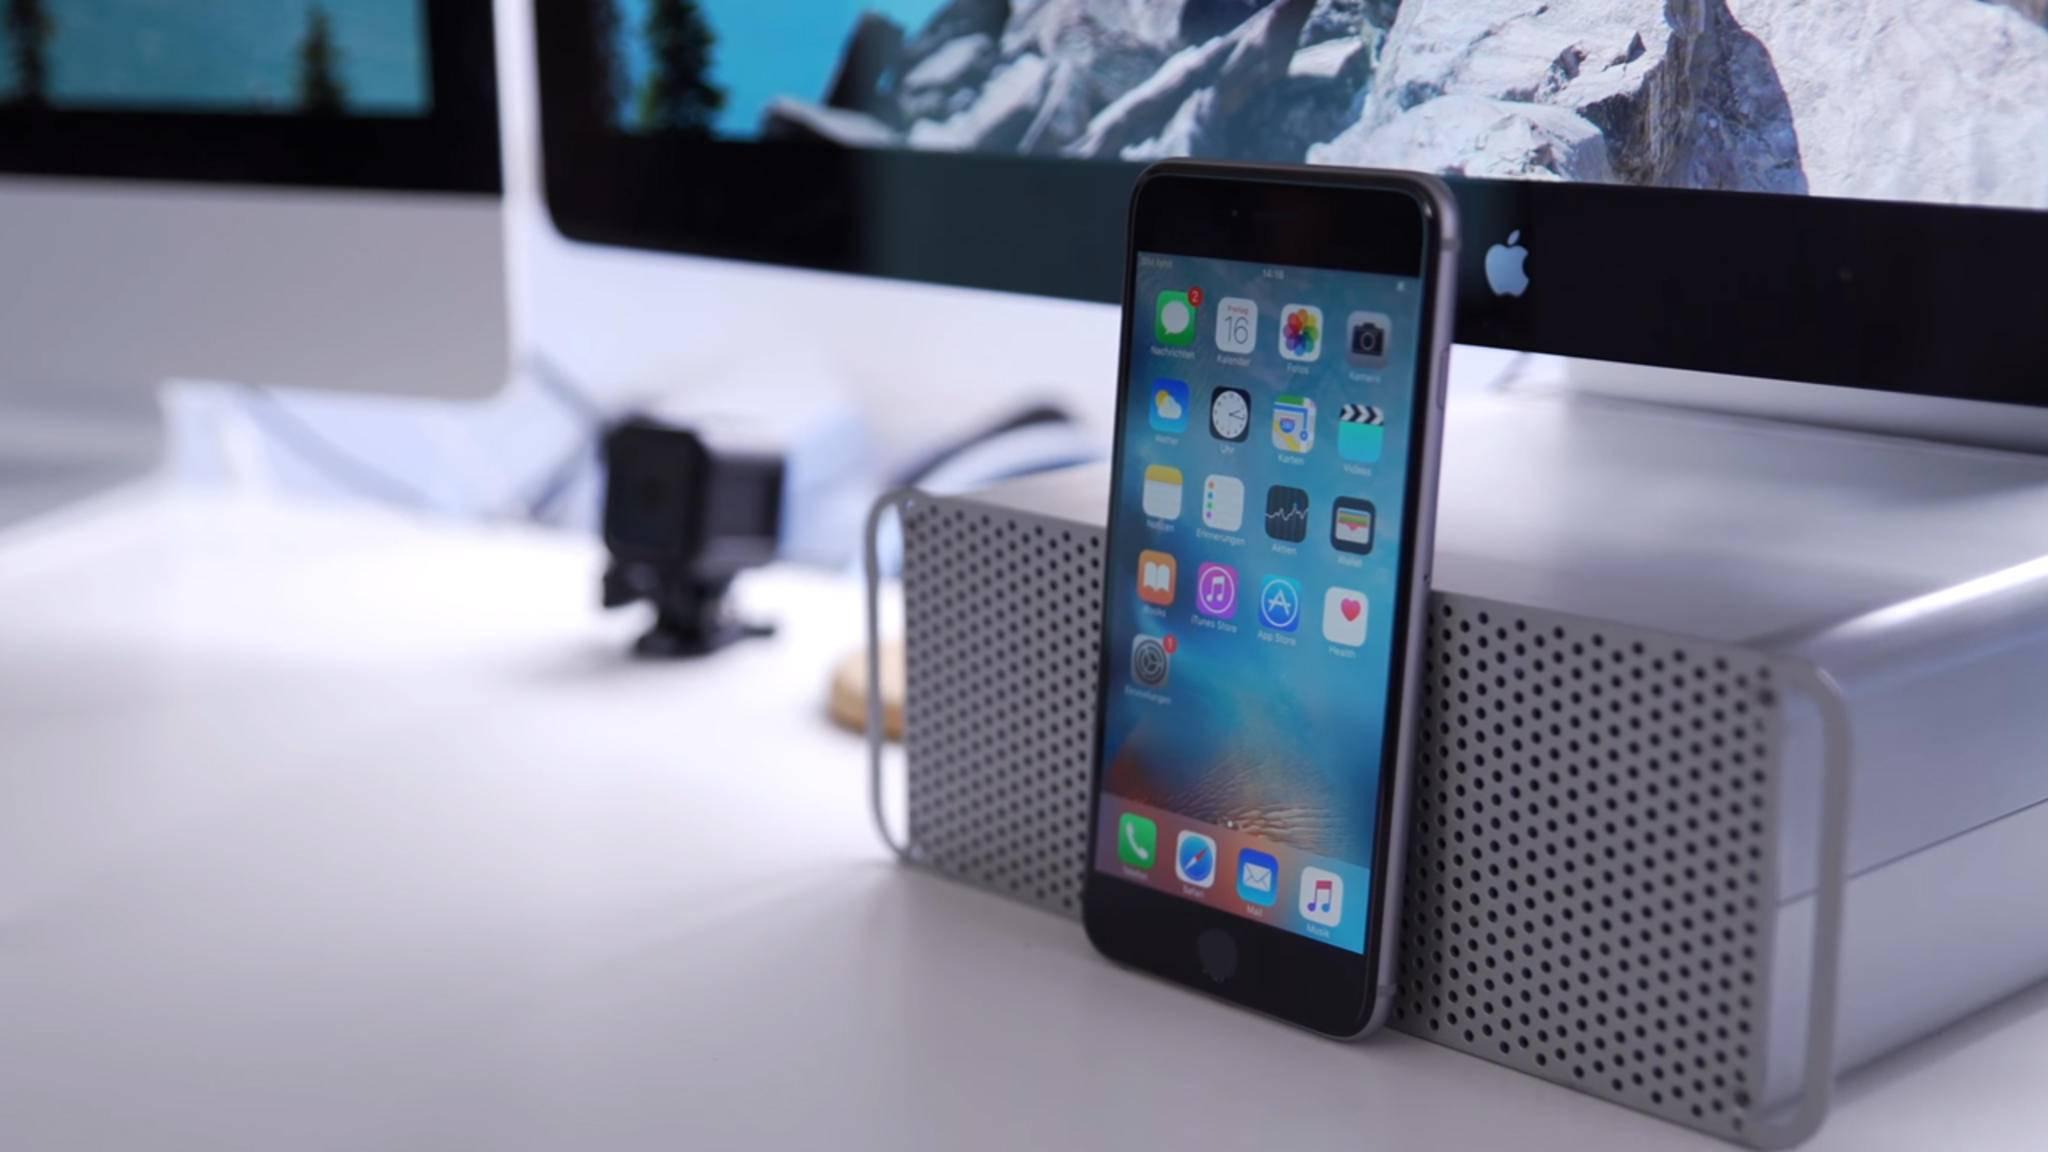 Mit einem versteckten Tool will Apple mehr über das Akkuproblem des iPhone 6s erfahren.